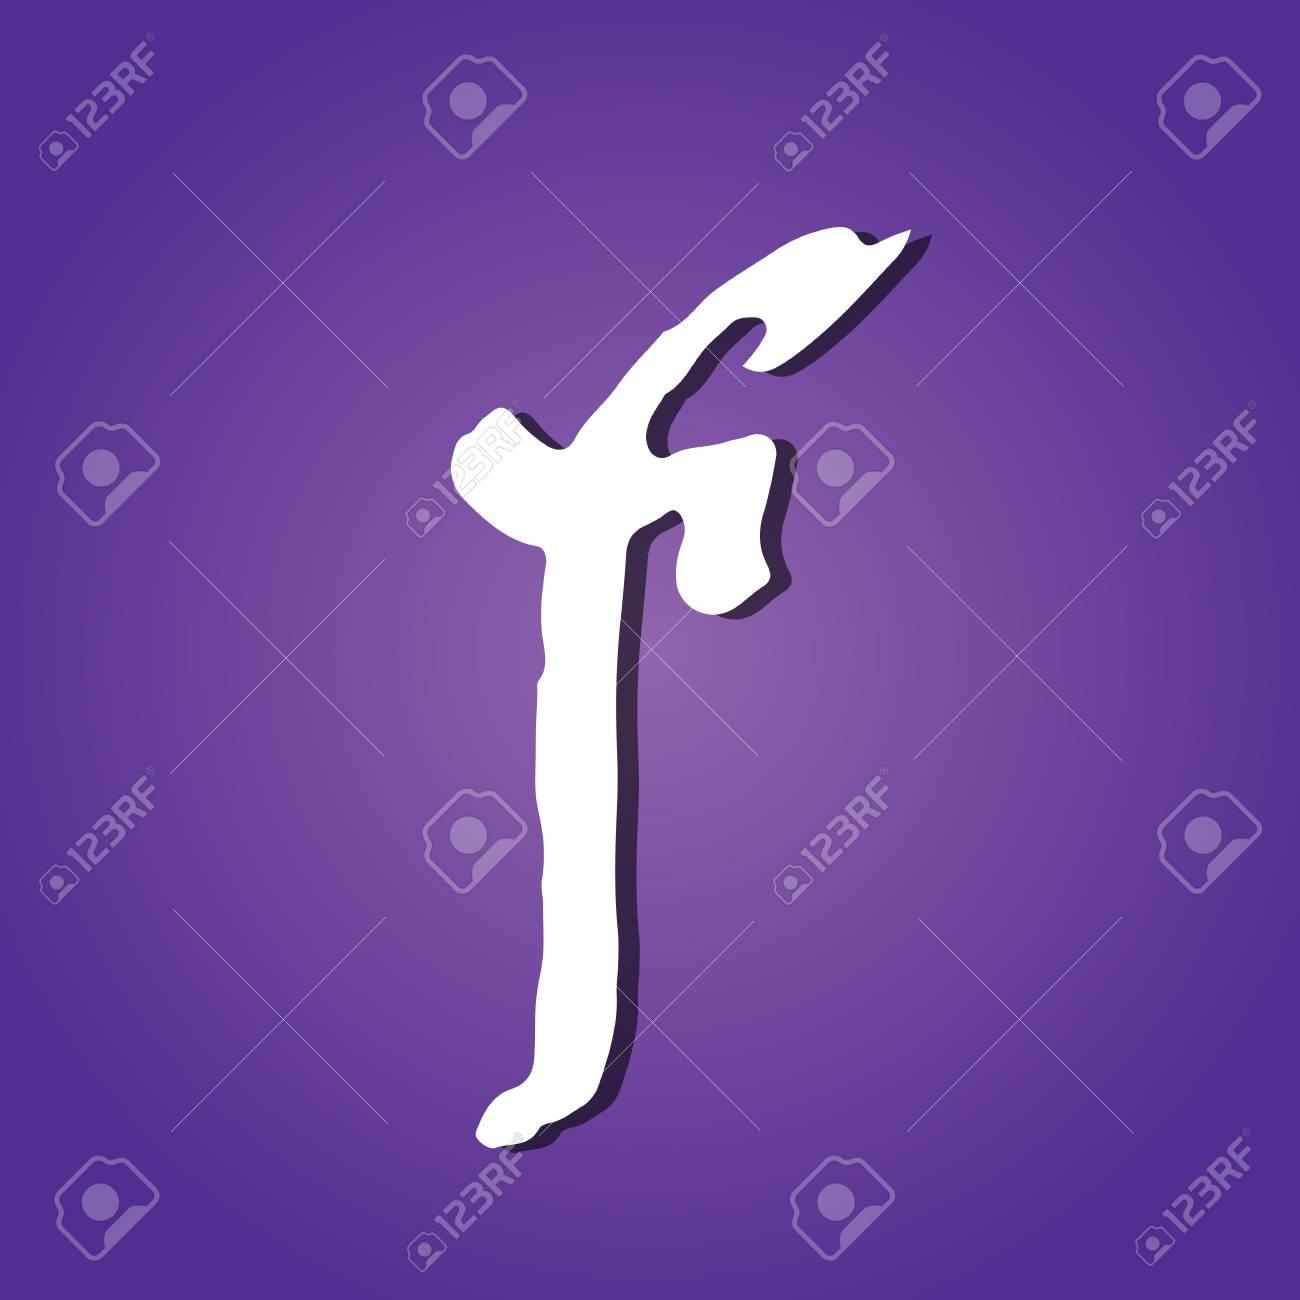 Letter f  Vintage grunge font  Gothic style letter  Vector illustration